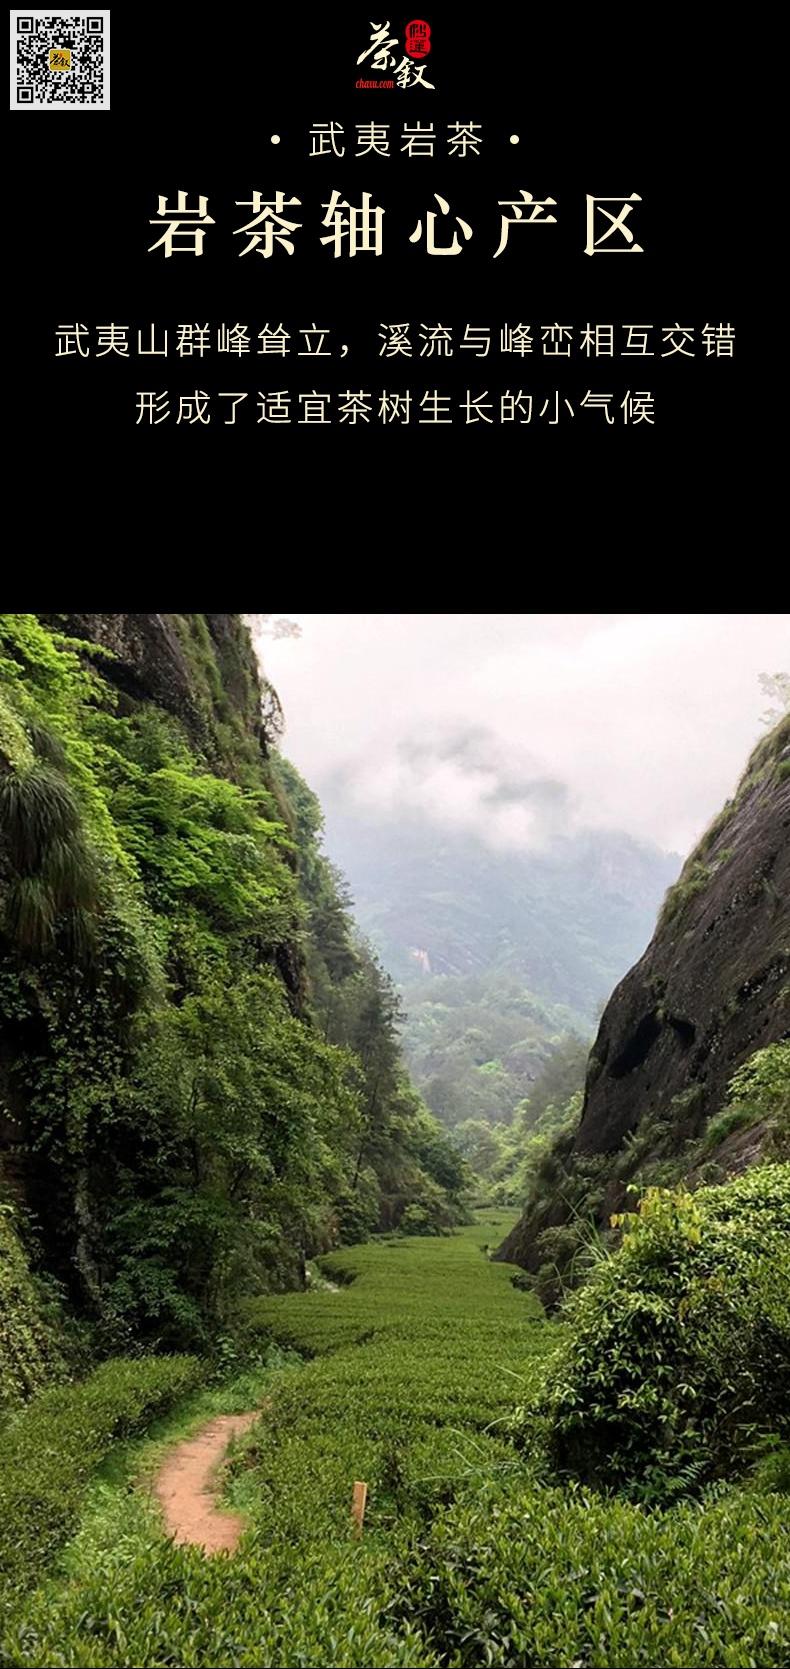 武夷岩茶大红袍产自武夷山高山茶区